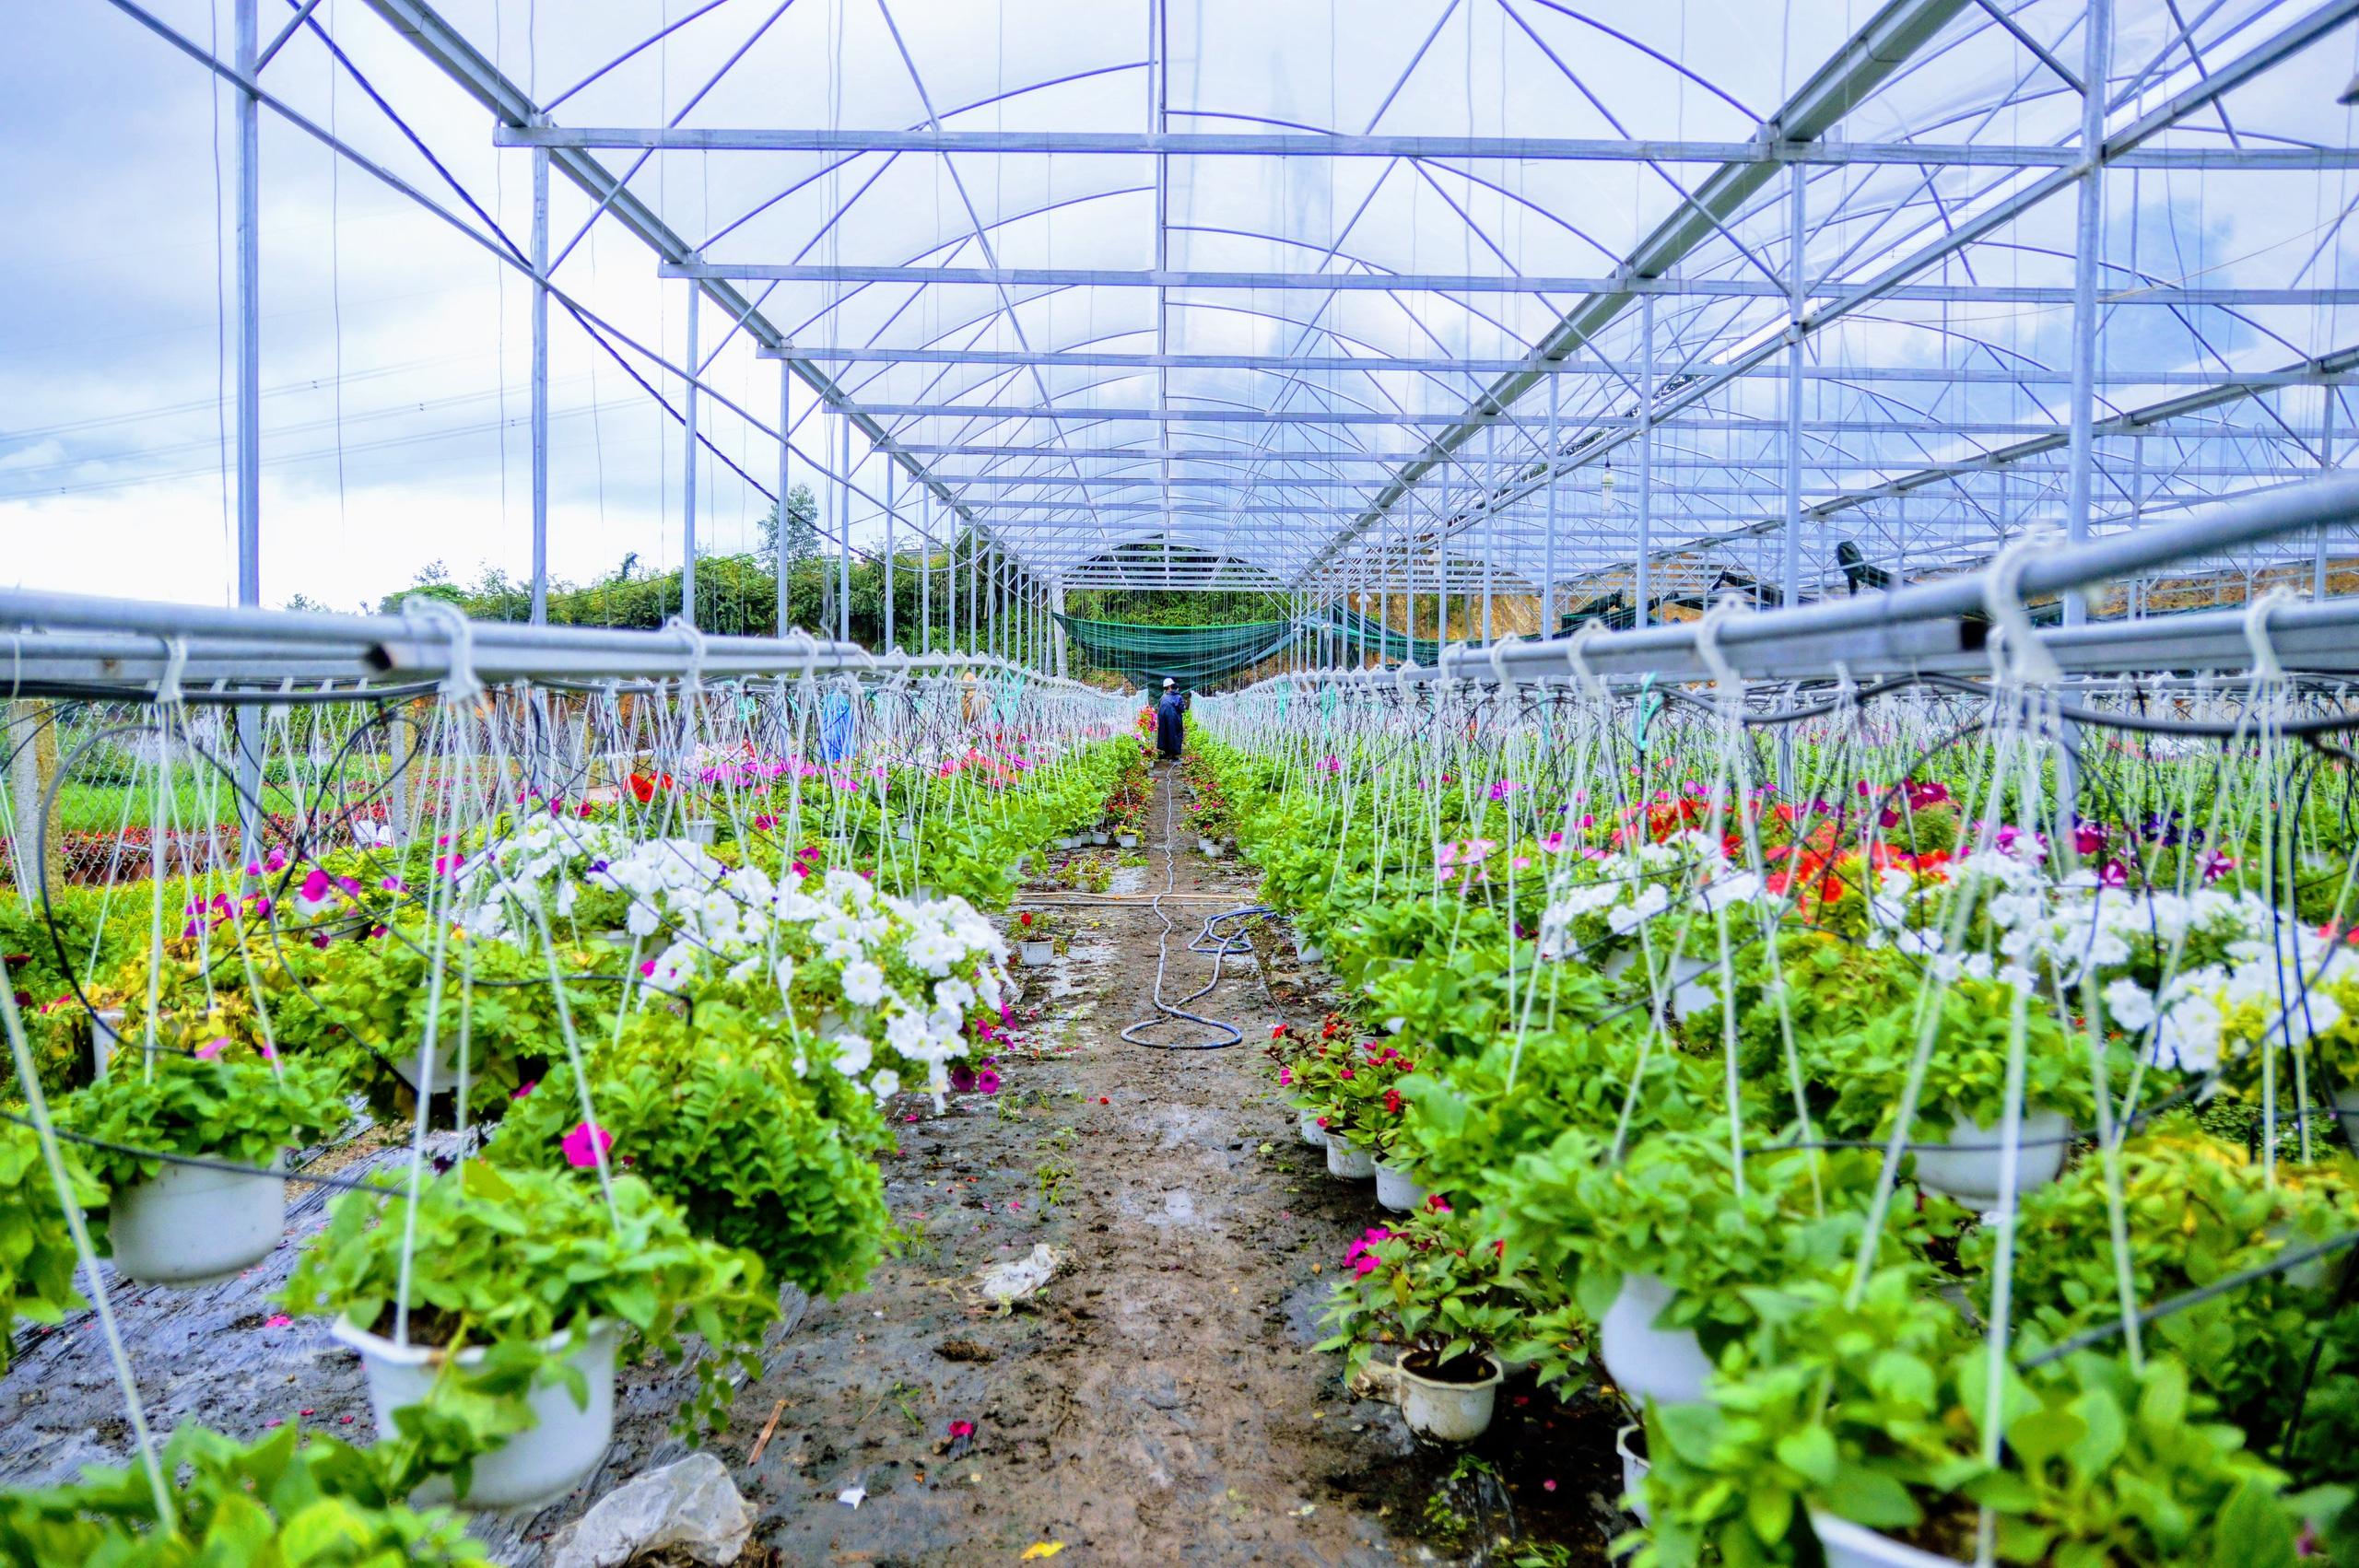 Đà Nẵng kêu gọi doanh nghiệp Hà Lan đầu tư vào nông nghiệp công nghệ cao theo hình thức FDI hoặc PPP - Ảnh 1.